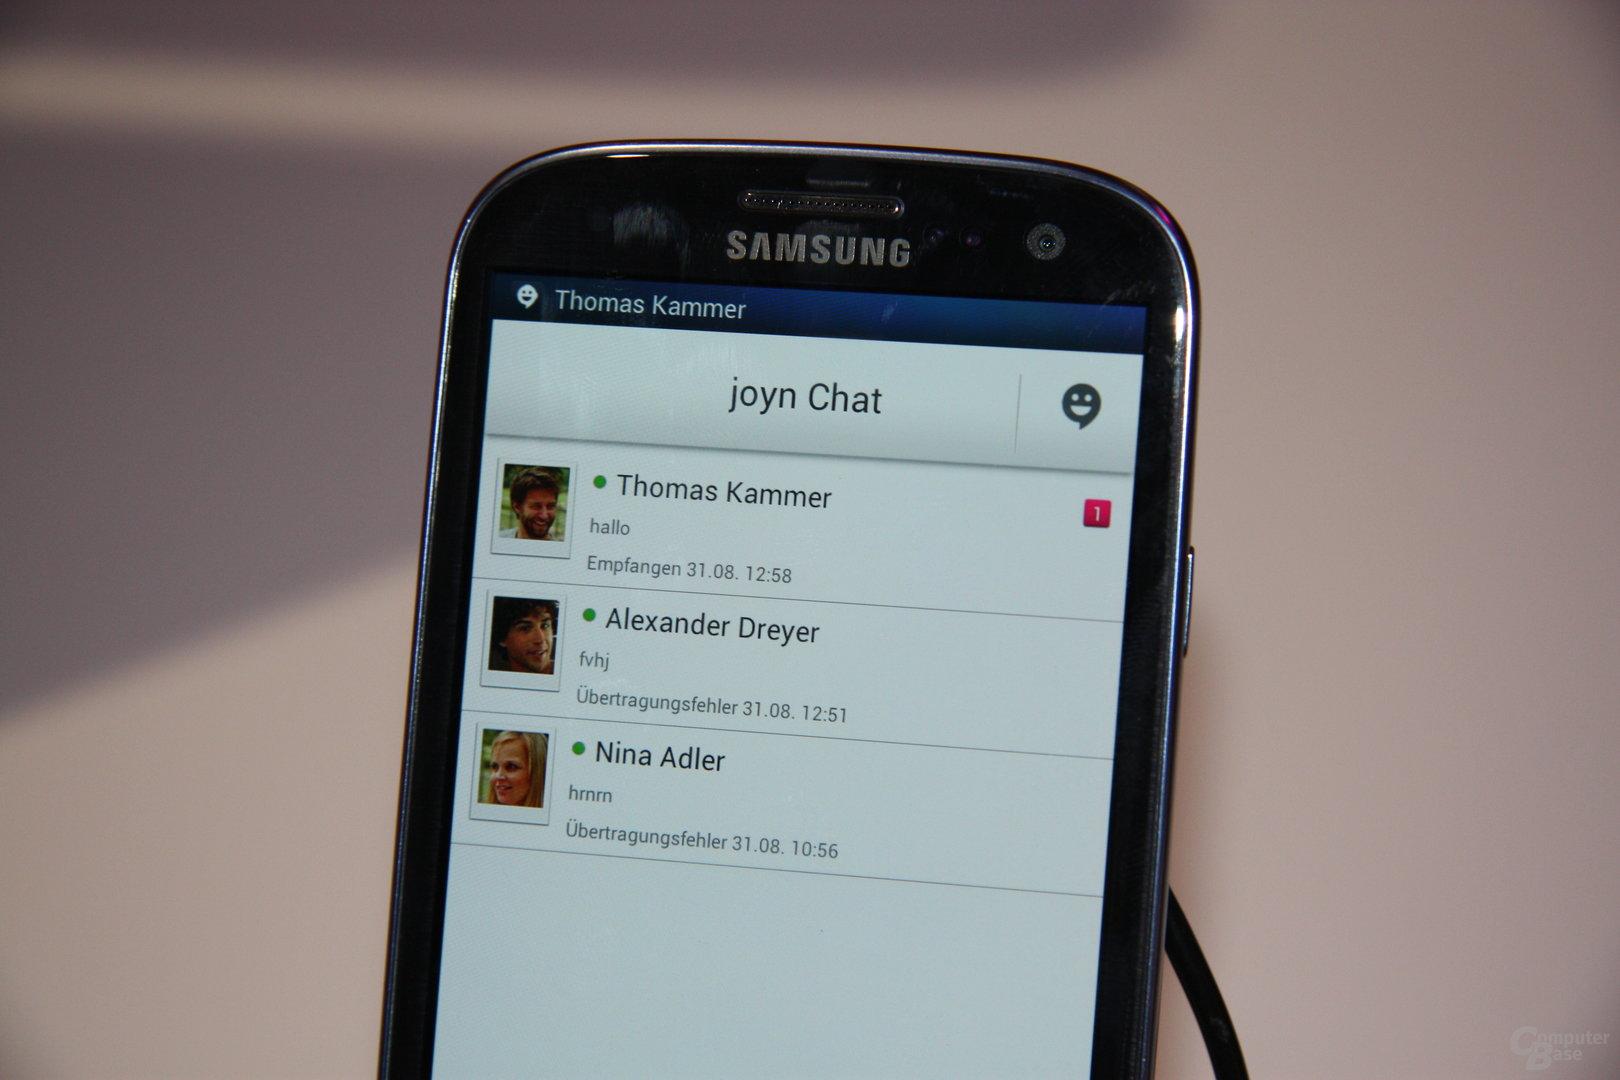 SMS-Nachfolger Joyn bei der Telekom